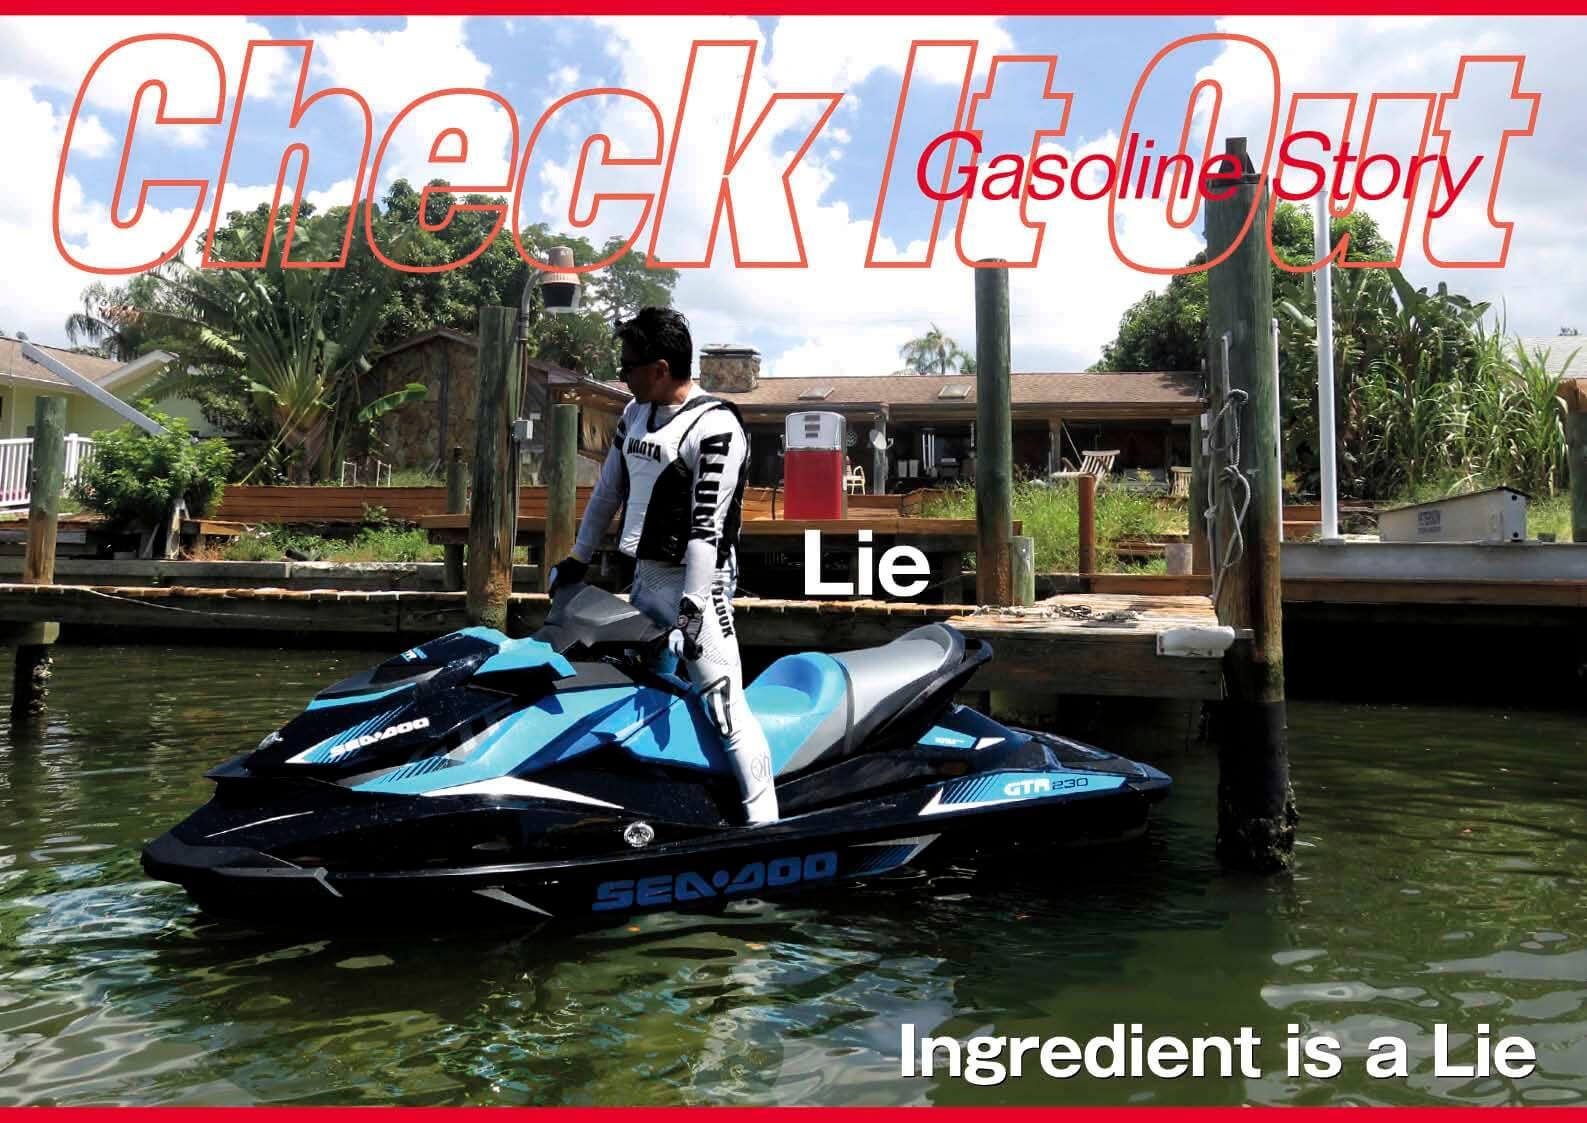 ハイオクガソリンの虚偽表示 ! 「エンジンがキレイになるガソリンというのは嘘!?」  (水上バイク)ジェットスキー